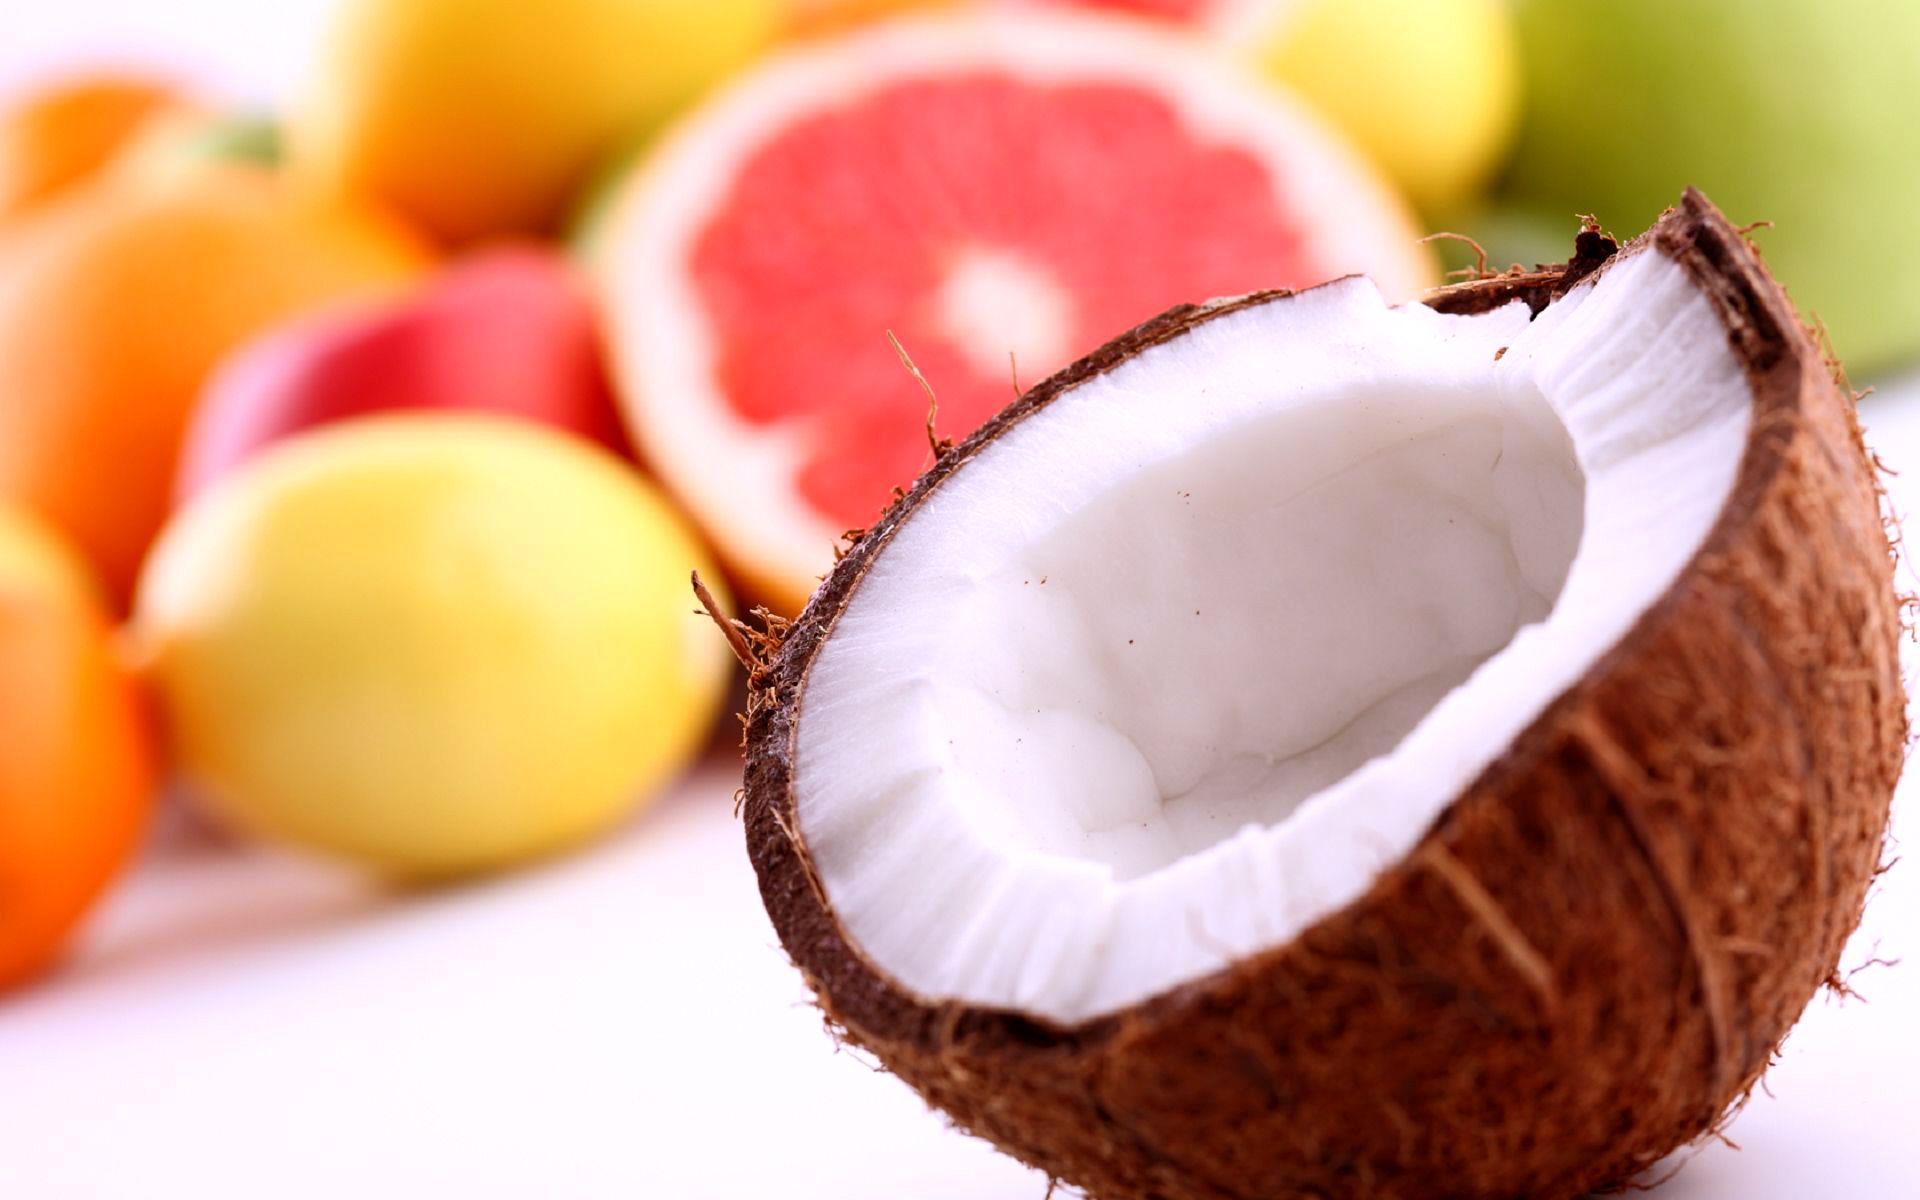 Coconut-Chuck-Fruit-Grapefruit-Lemon-Oranges